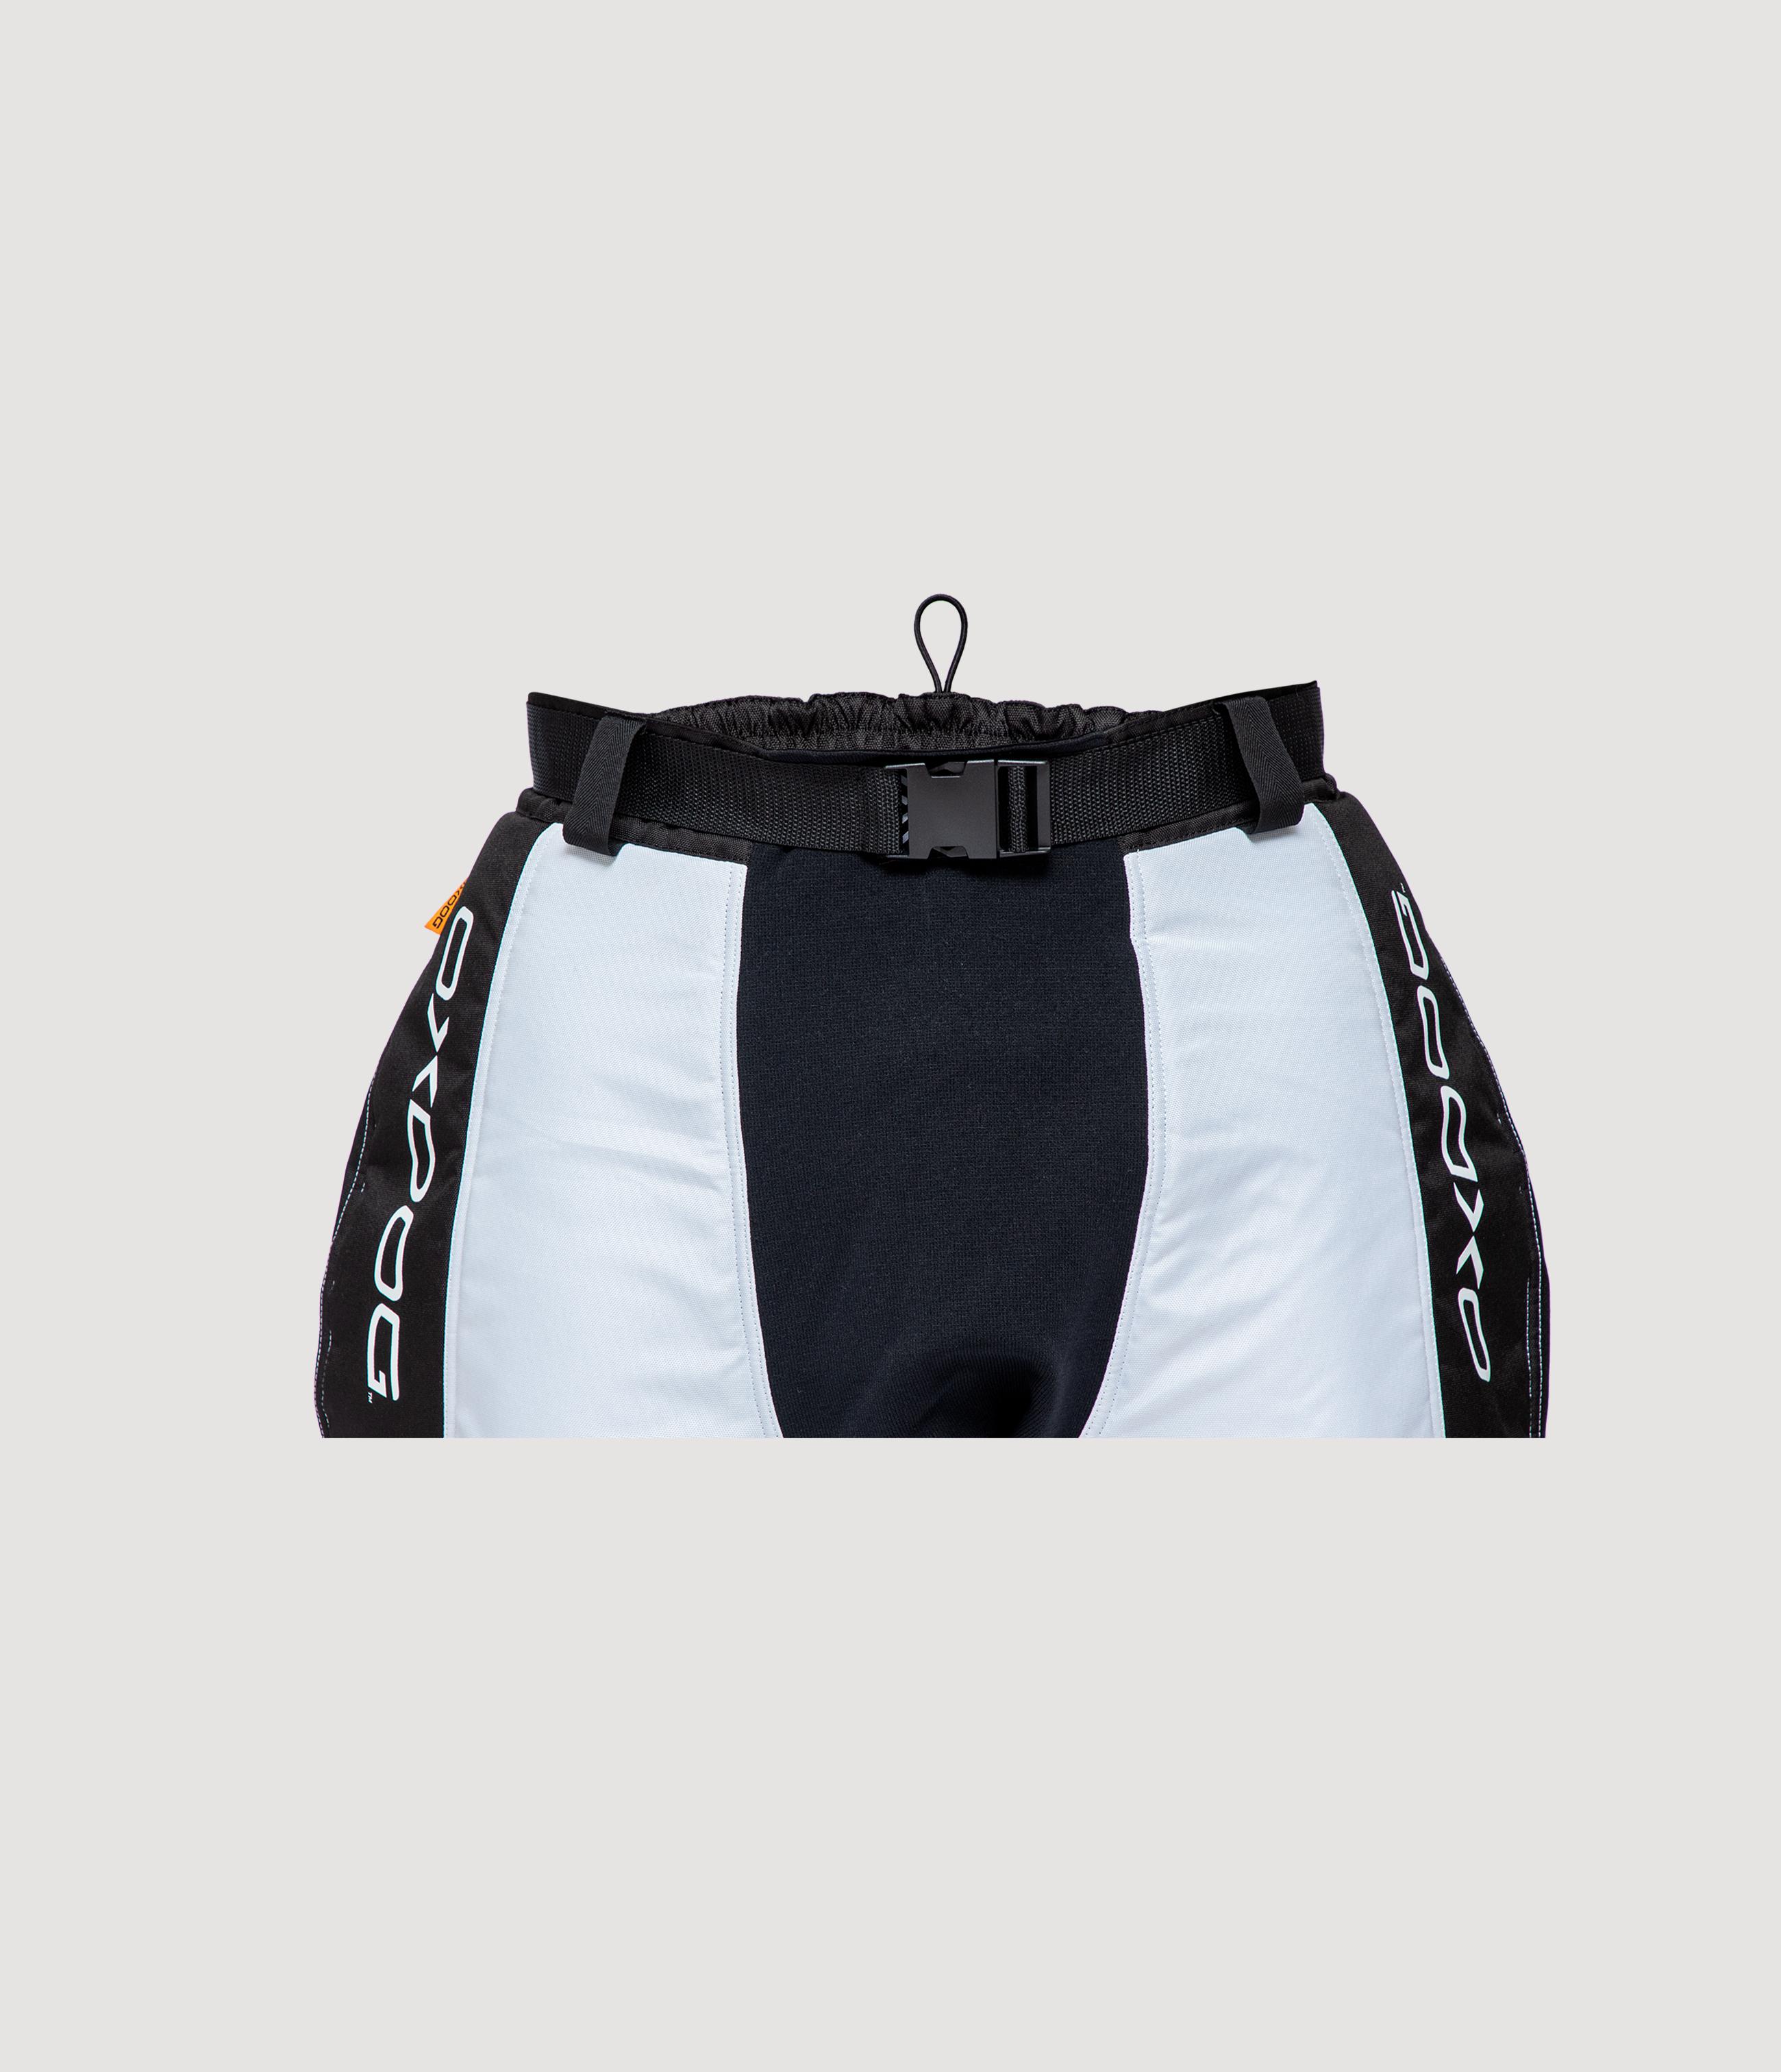 Tour+ Goalie Pants Closeup